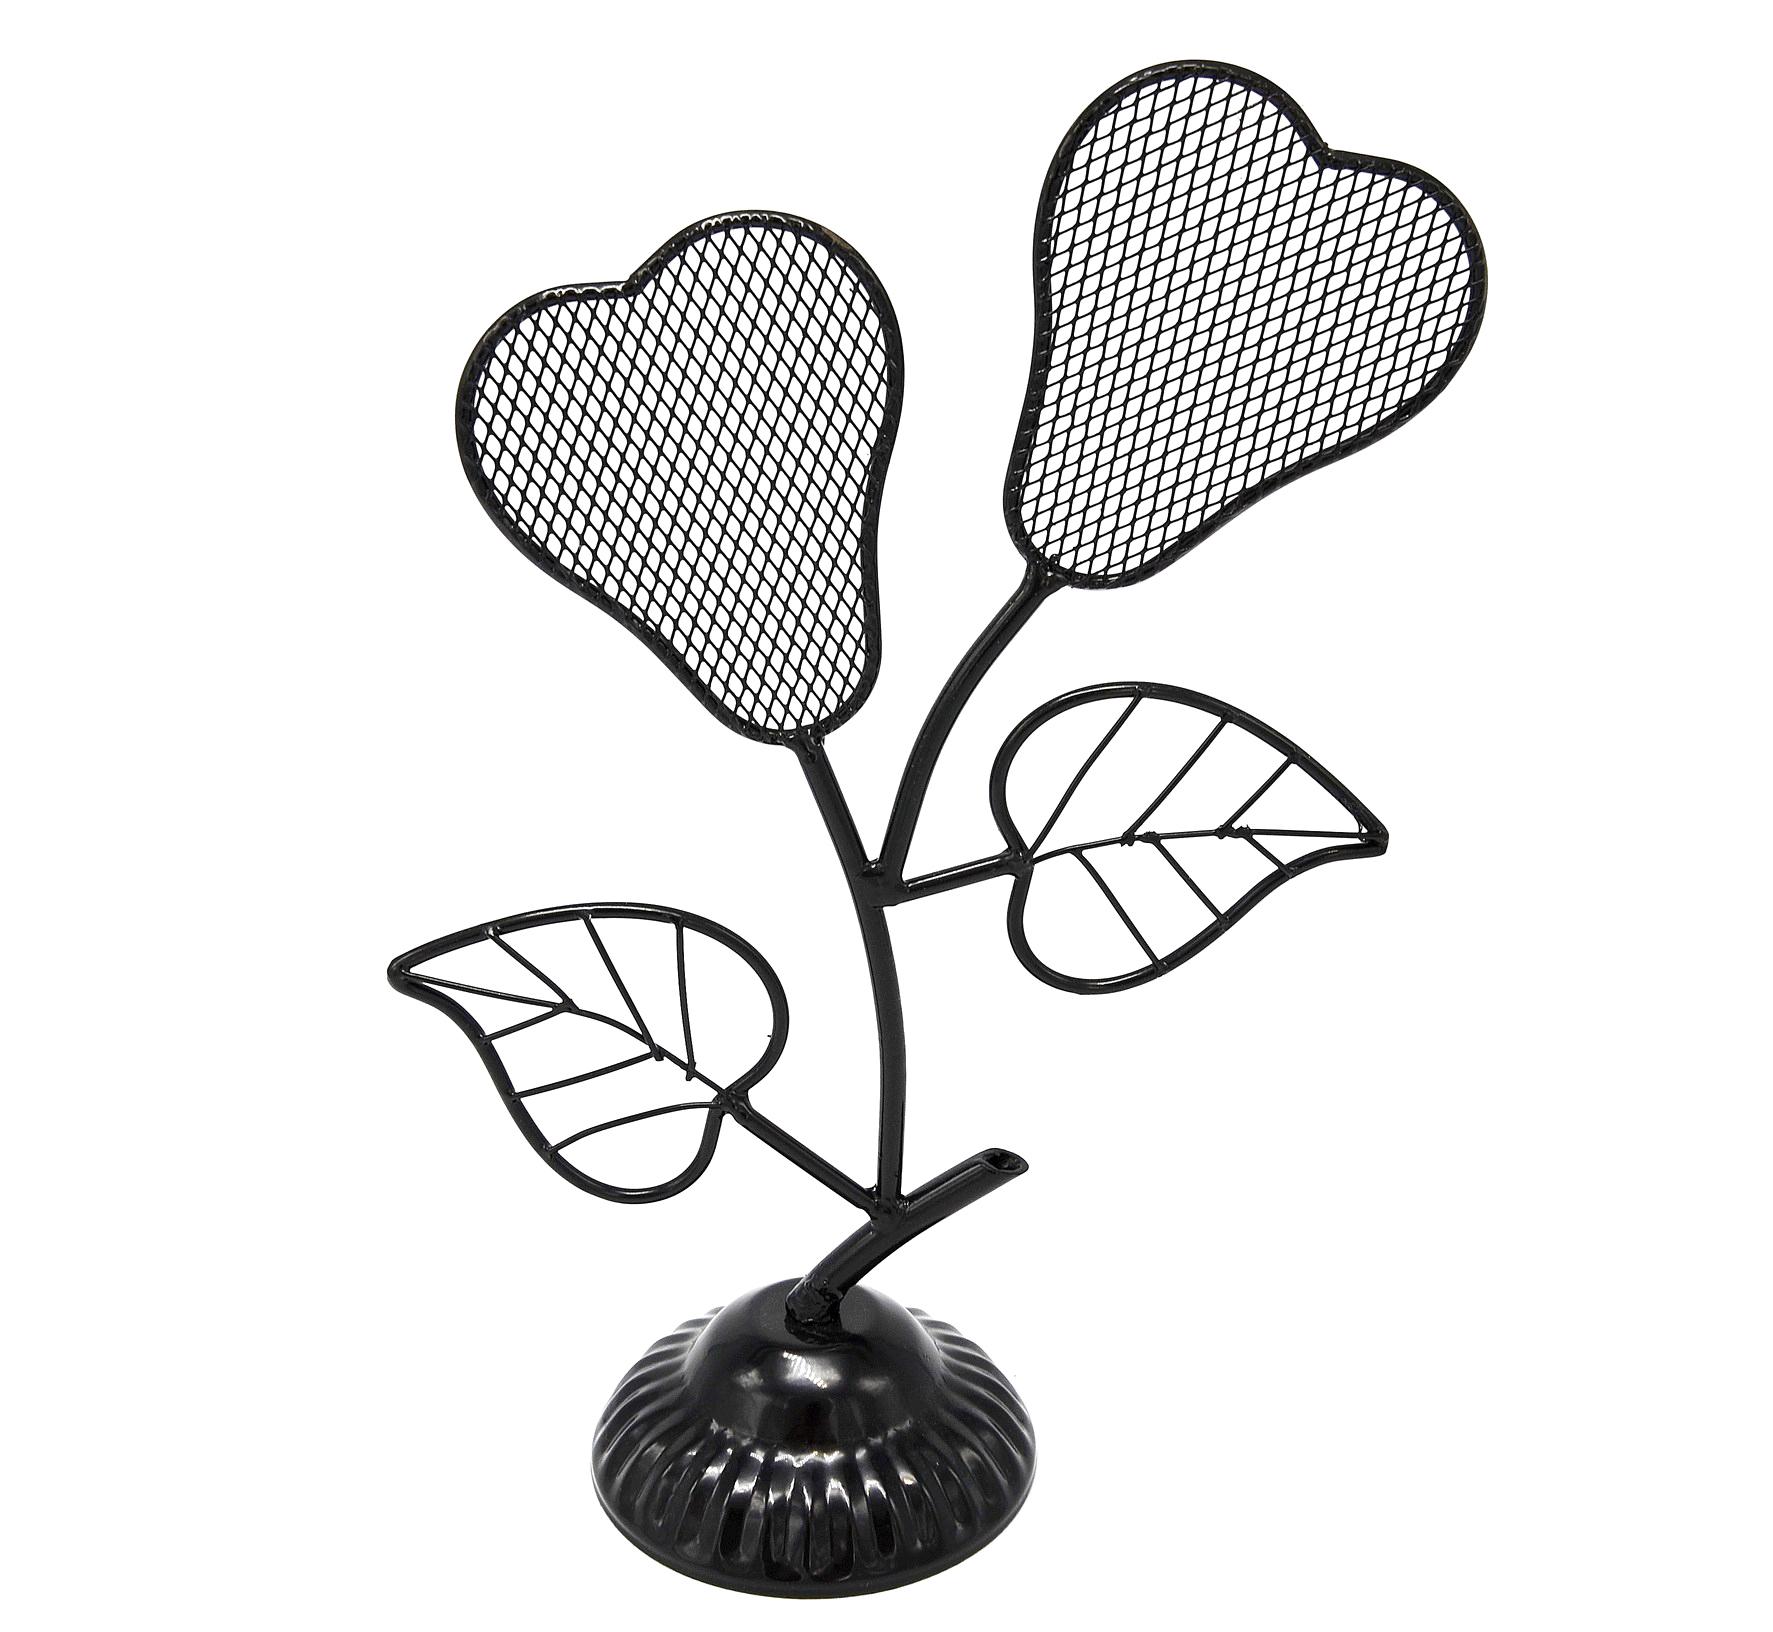 Prb07 pr sentoir bijoux fleurs poires et feuilles pour boucles d 39 oreilles noir oh my shop - Presentoire boucle d oreille ...